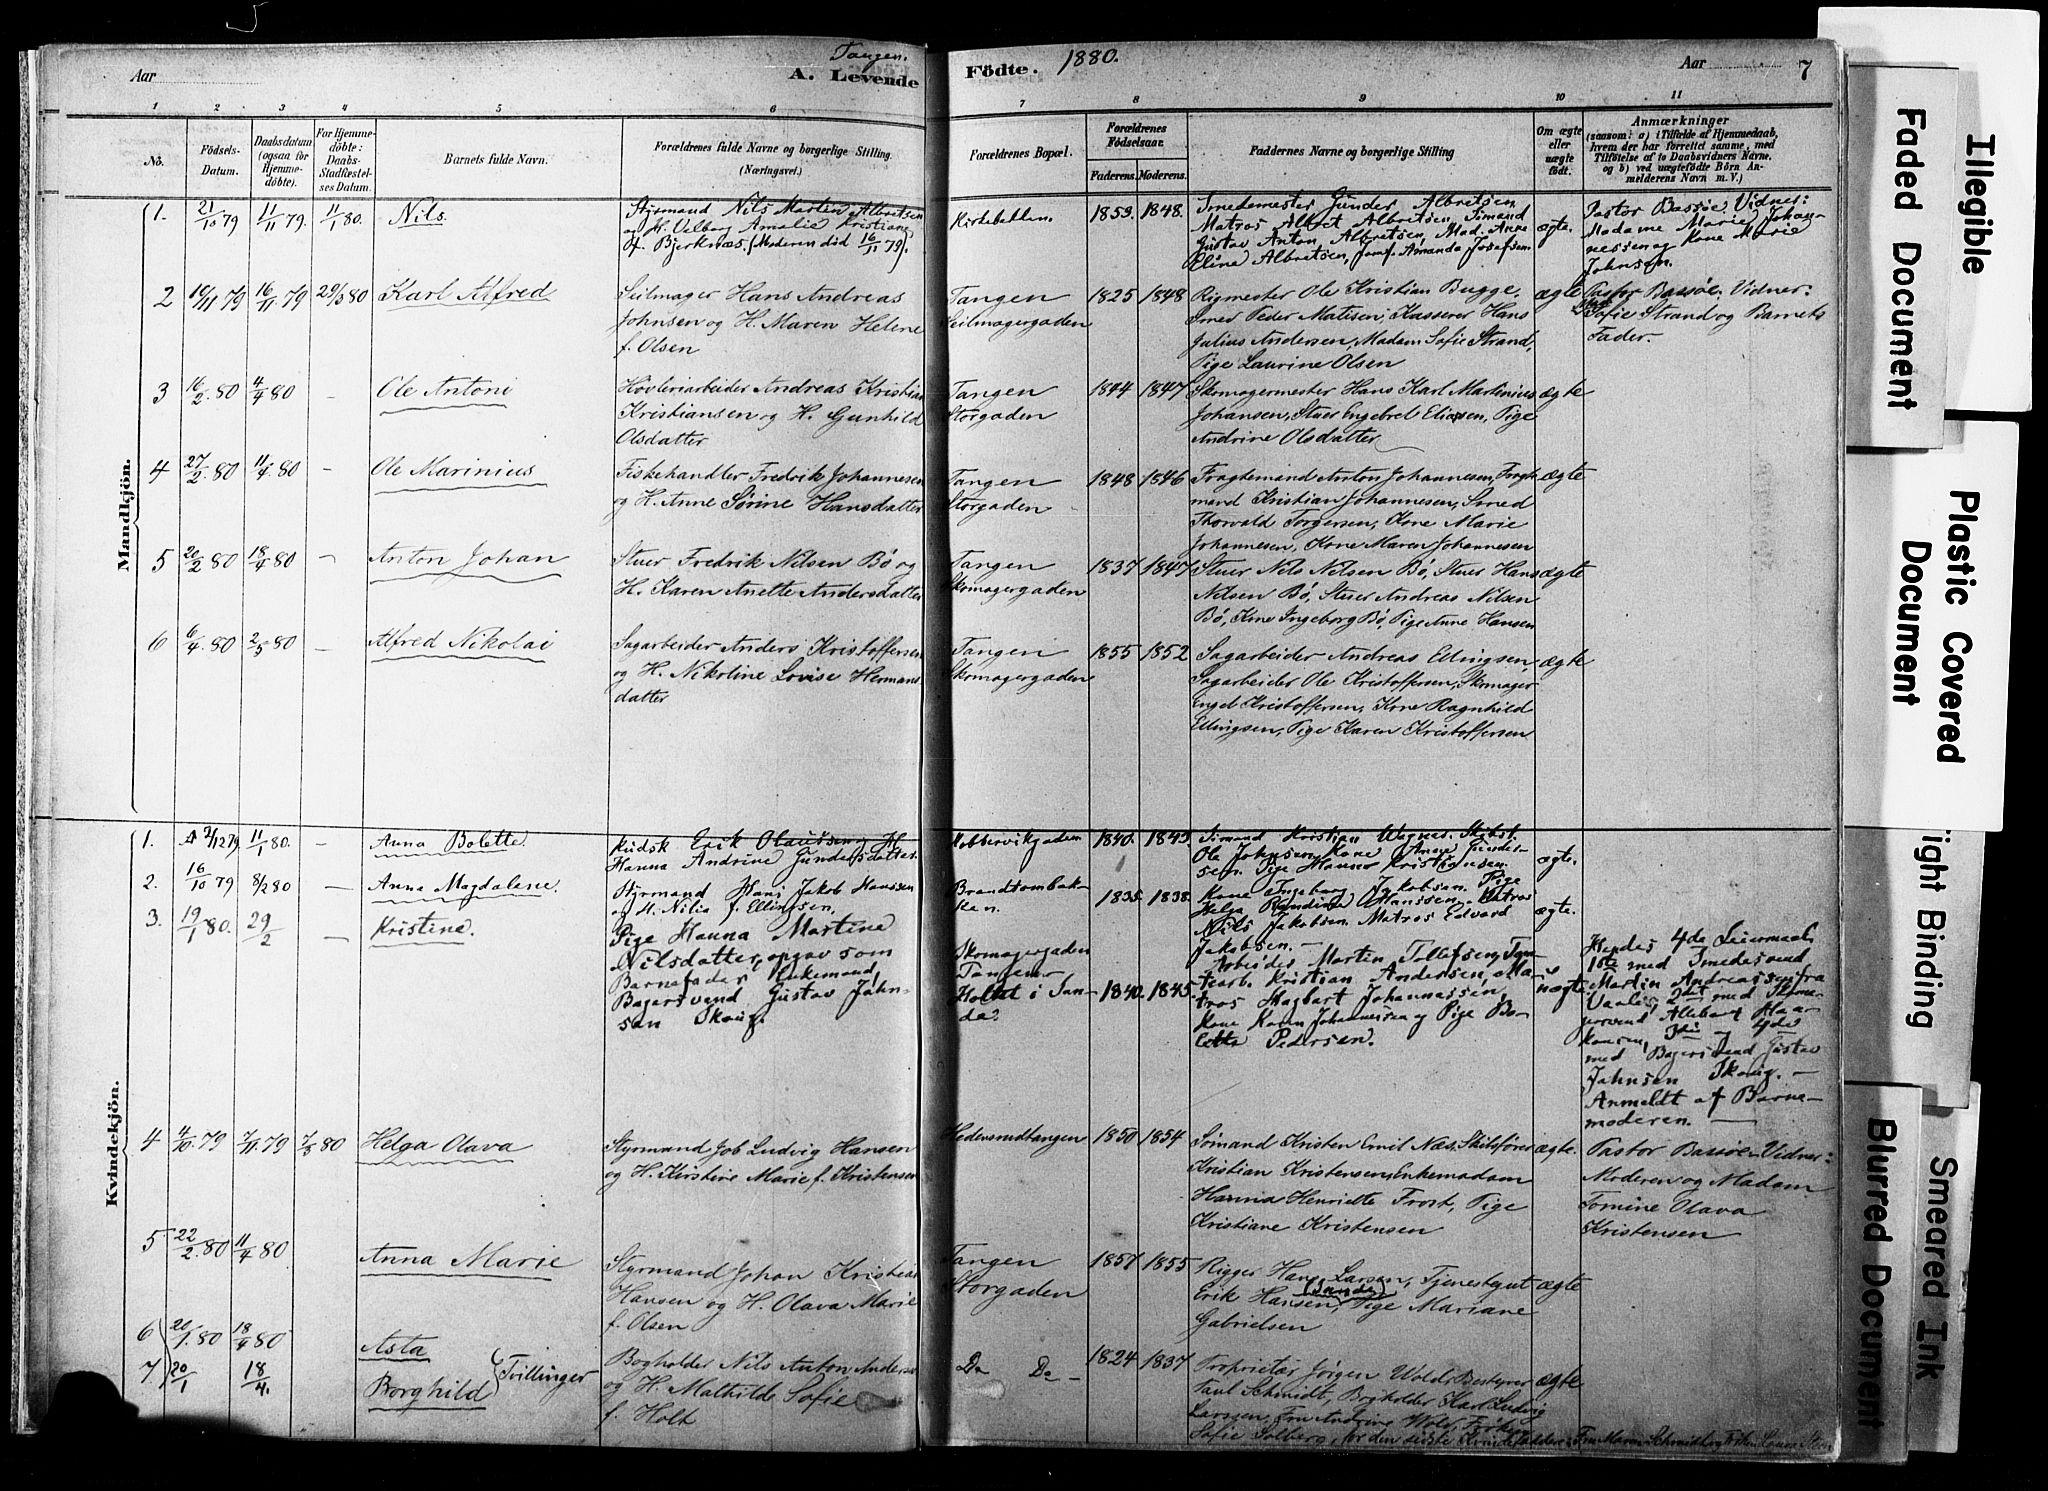 SAKO, Strømsø kirkebøker, F/Fb/L0006: Ministerialbok nr. II 6, 1879-1910, s. 7